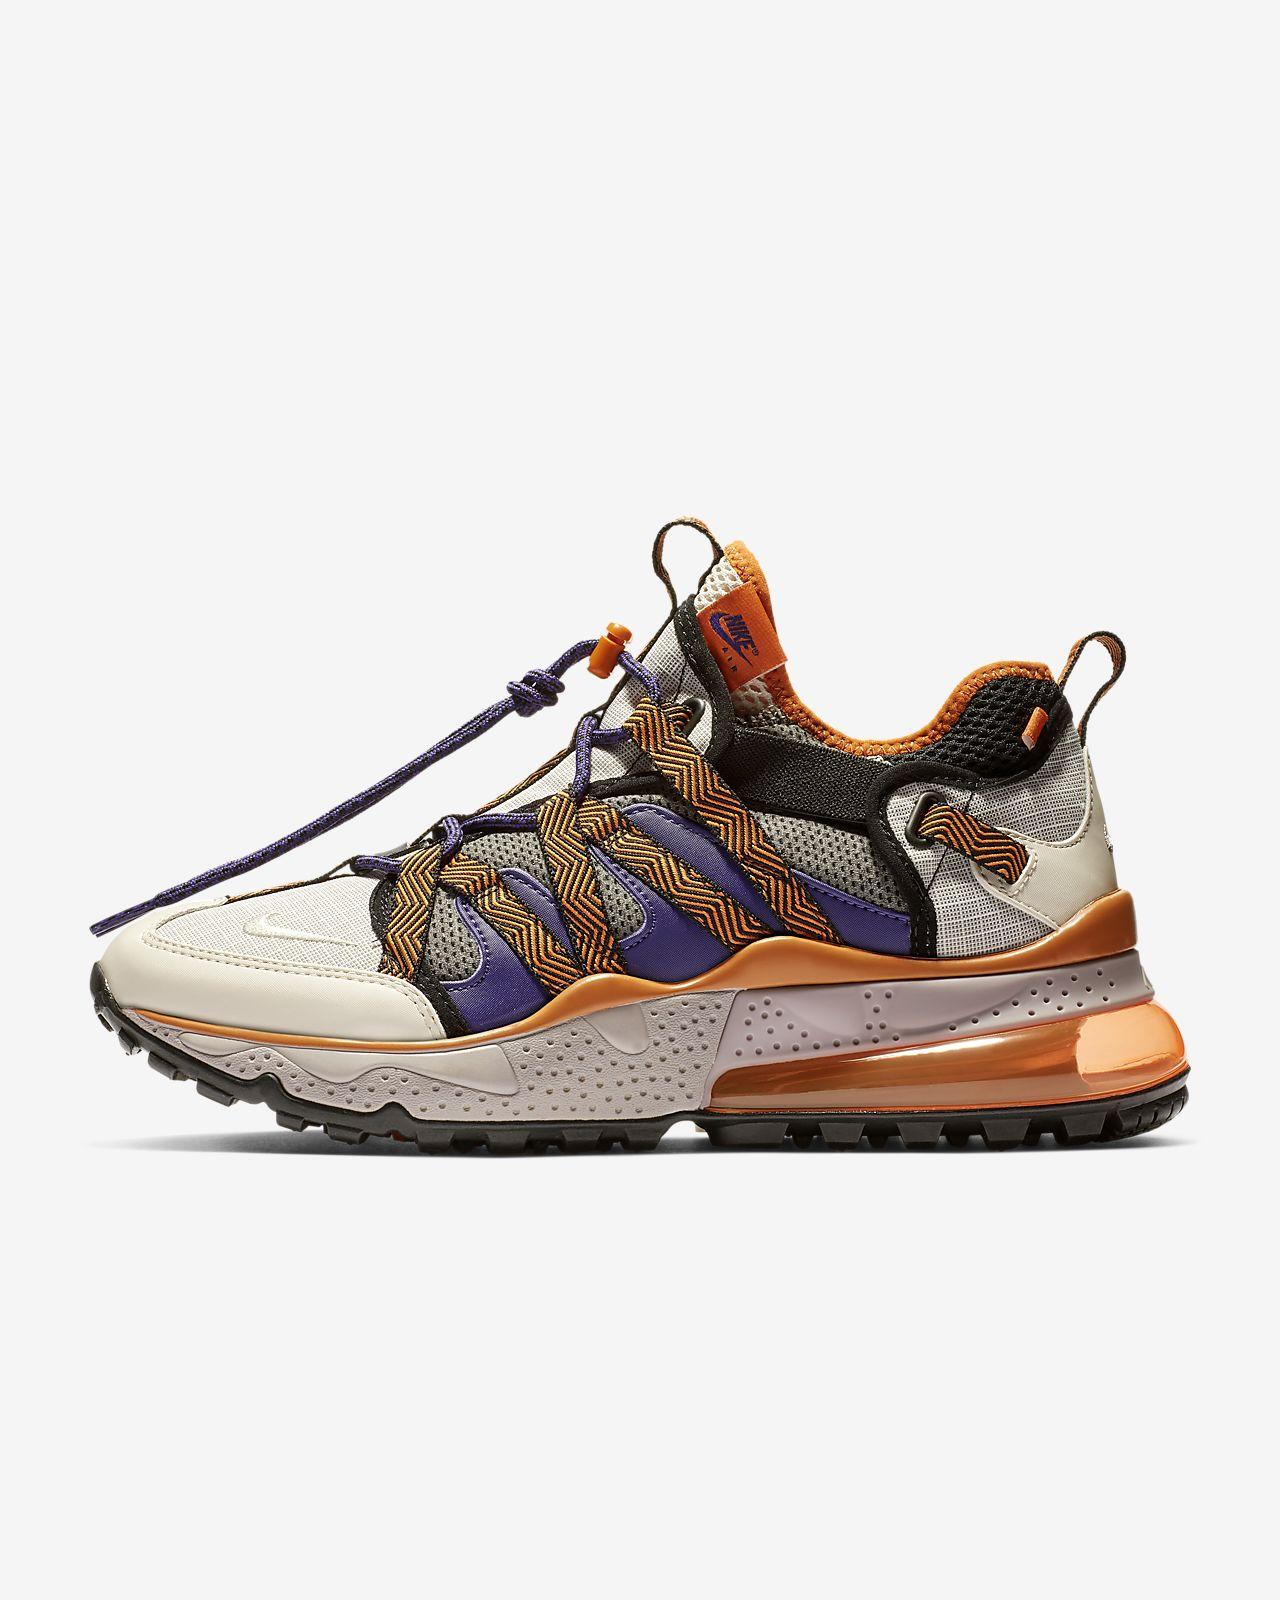 Nike Air Max 270 Bowfin 男鞋